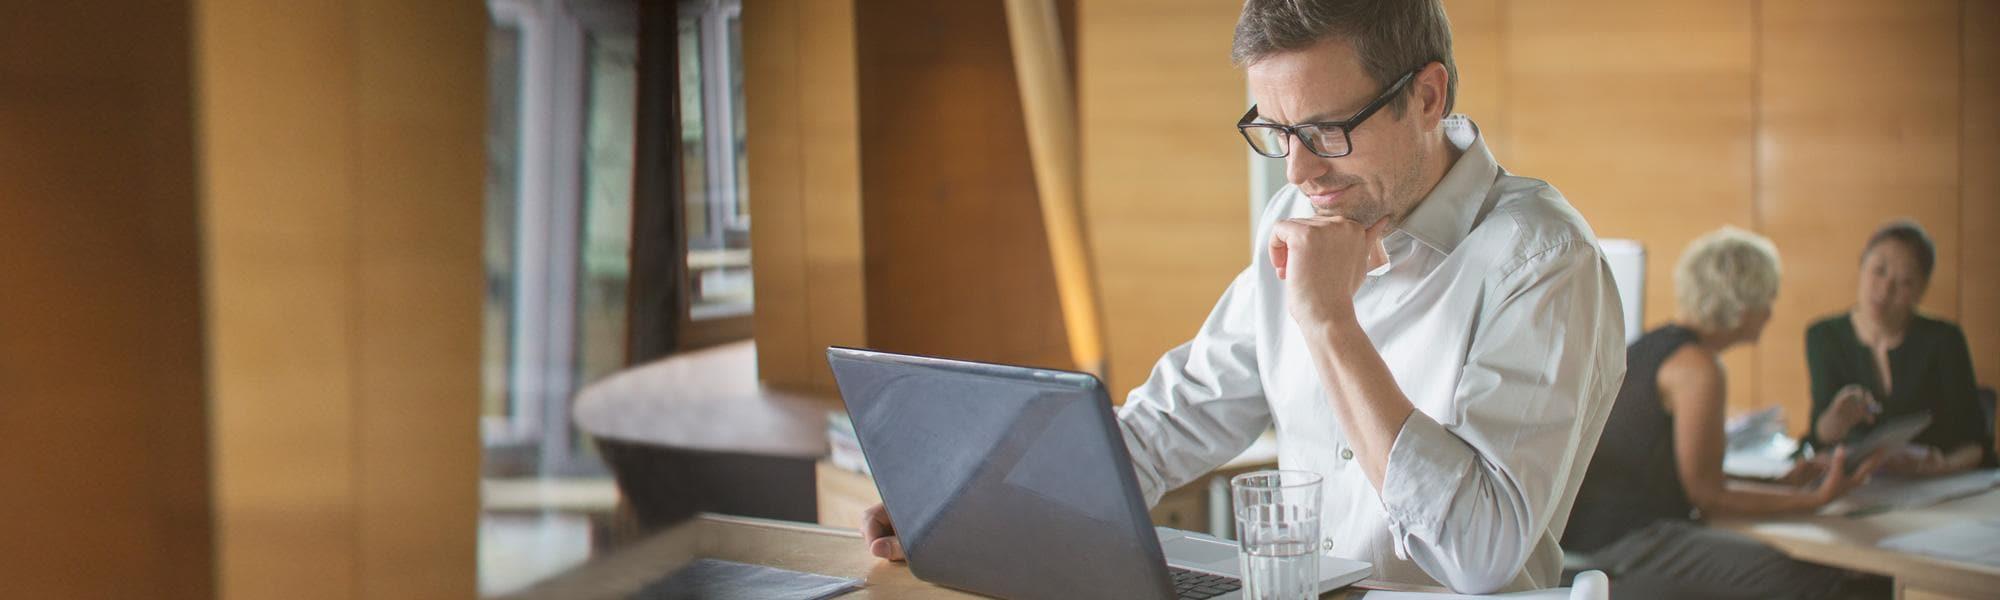 Man shown working at desk